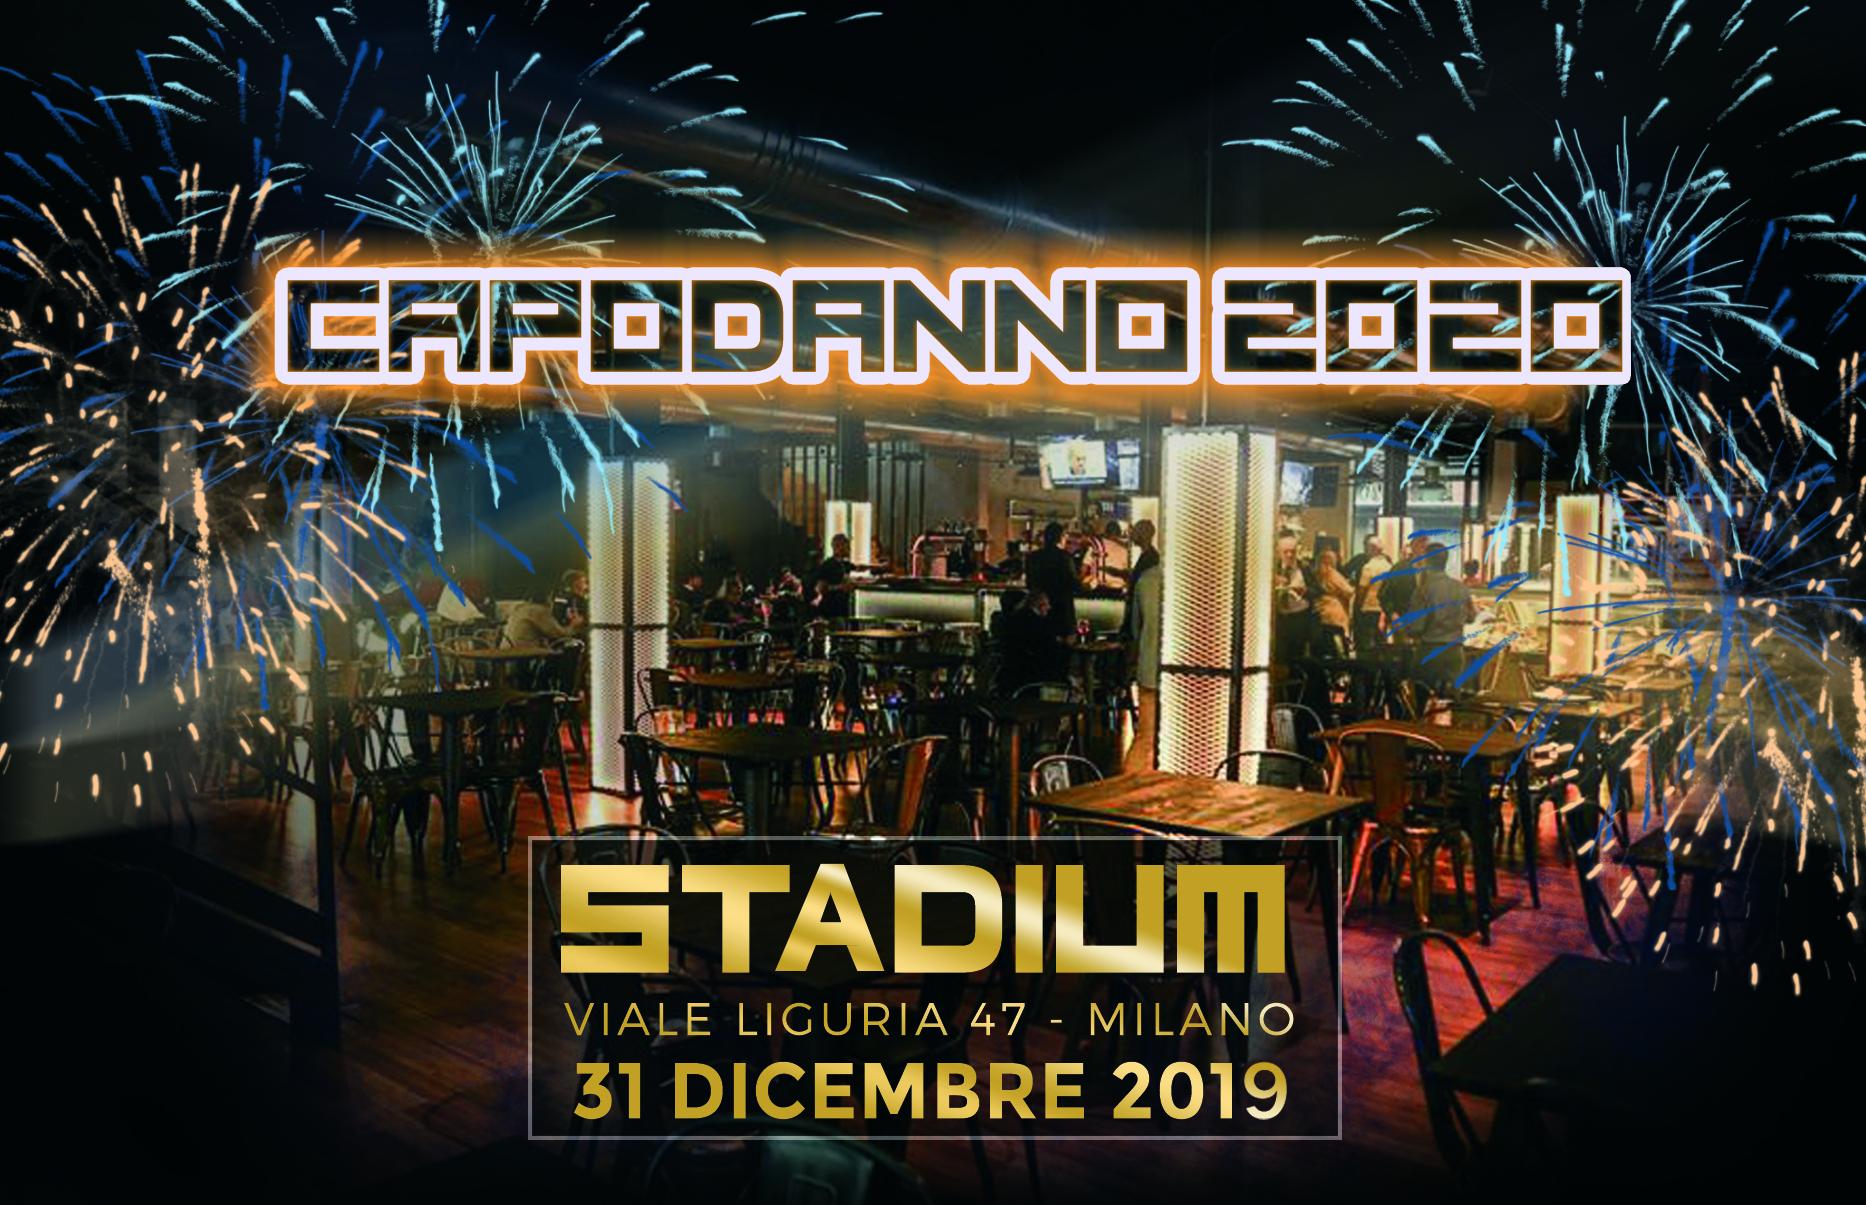 Stadium Grill 2019